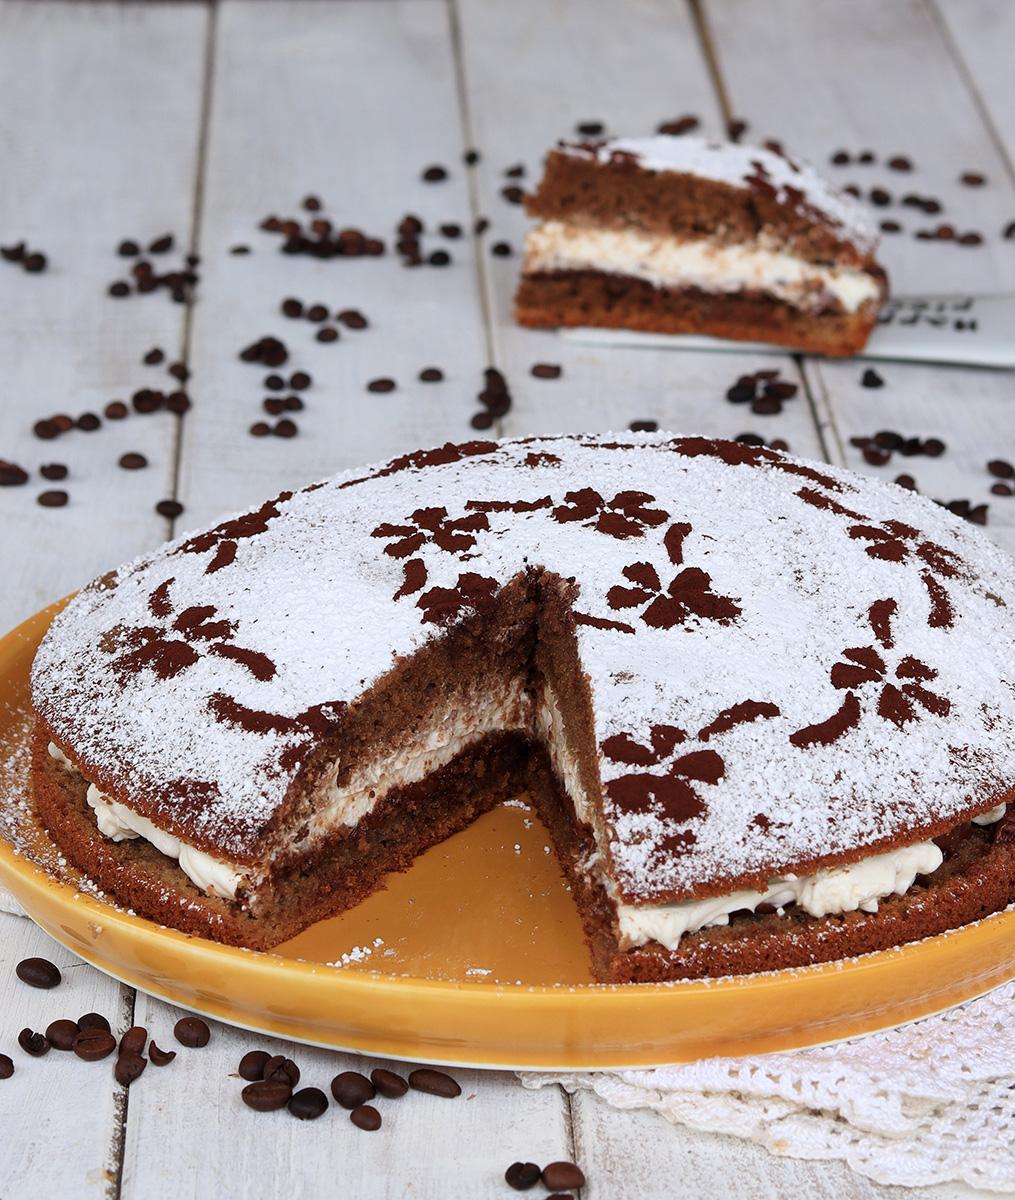 TORTA MORETTA AL CAFFE' torta al caffè e mascarpone con nutella